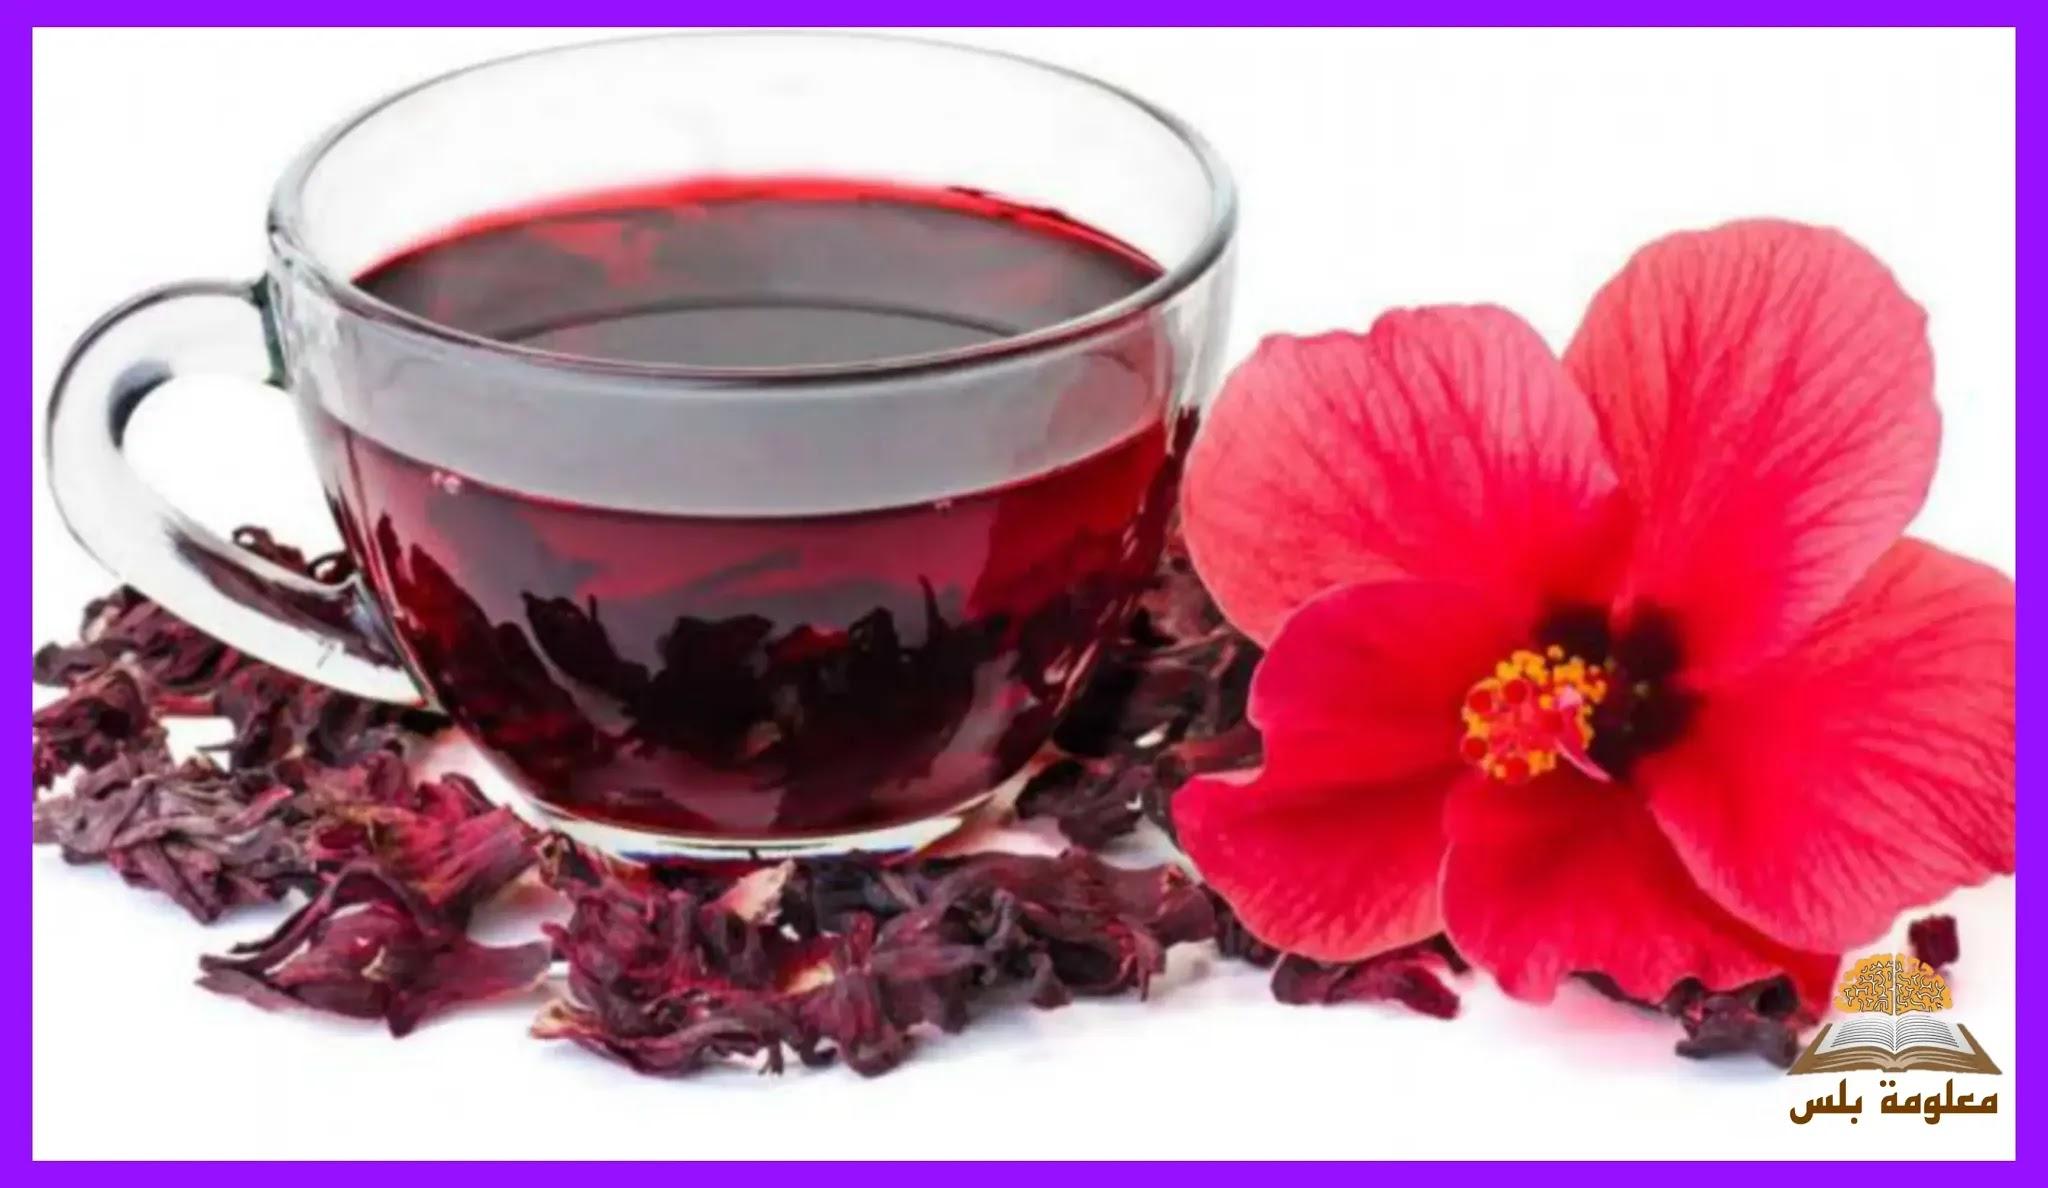 أهم 7 فوائد لشاي الكركديه فوائد الكركديه الساخن كيف يساعد الكركديه للضغط الدم